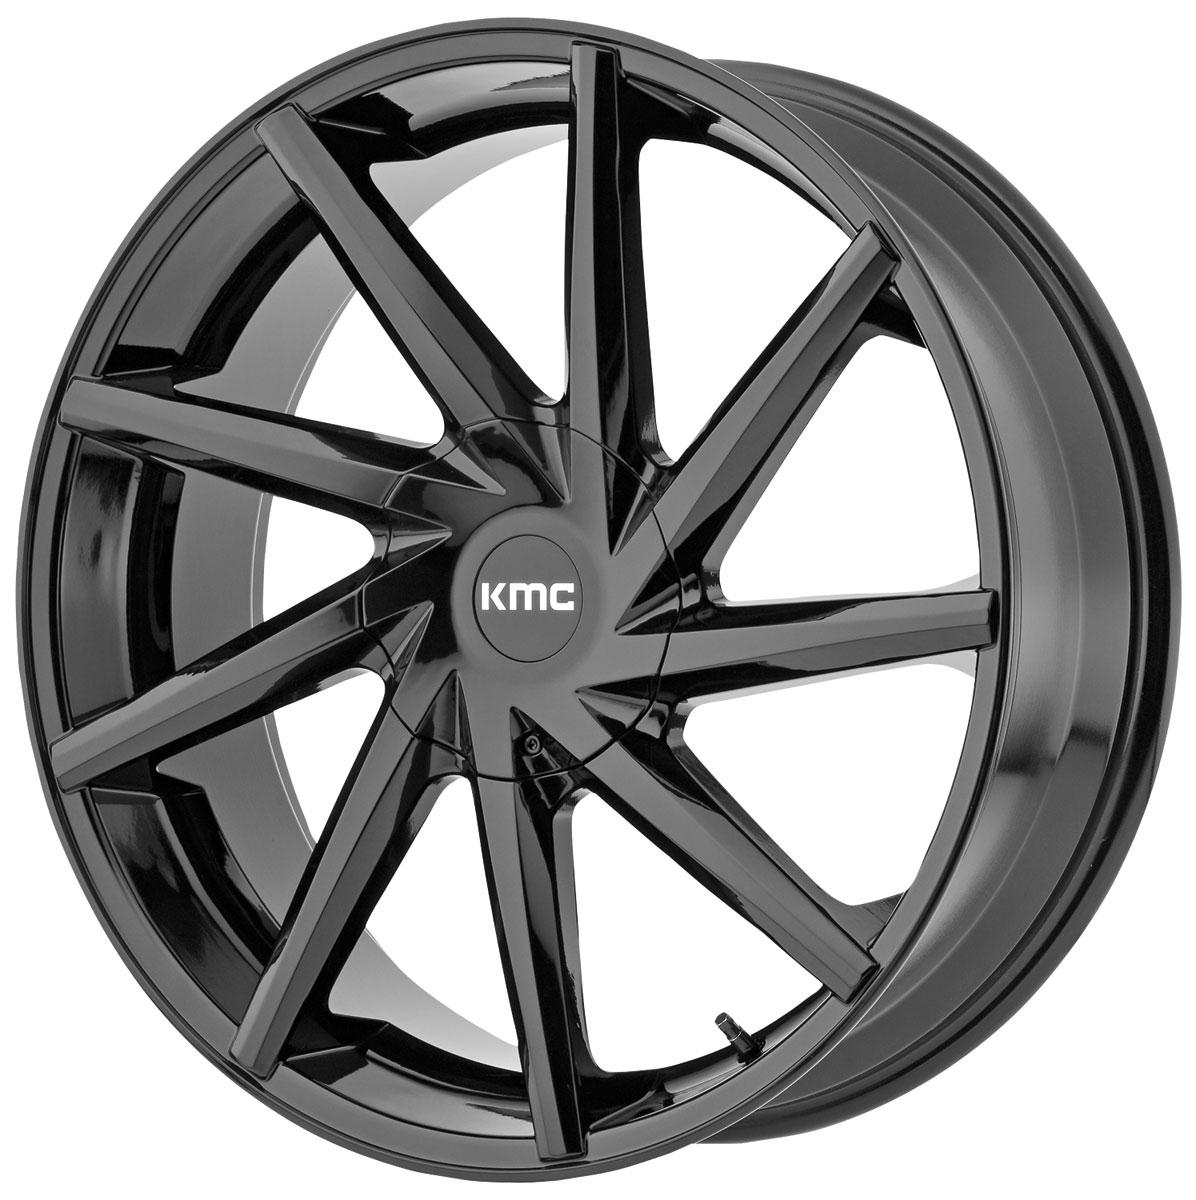 Wheel, KMC, Burst, 1999-2019 Escalade, 24X9.5